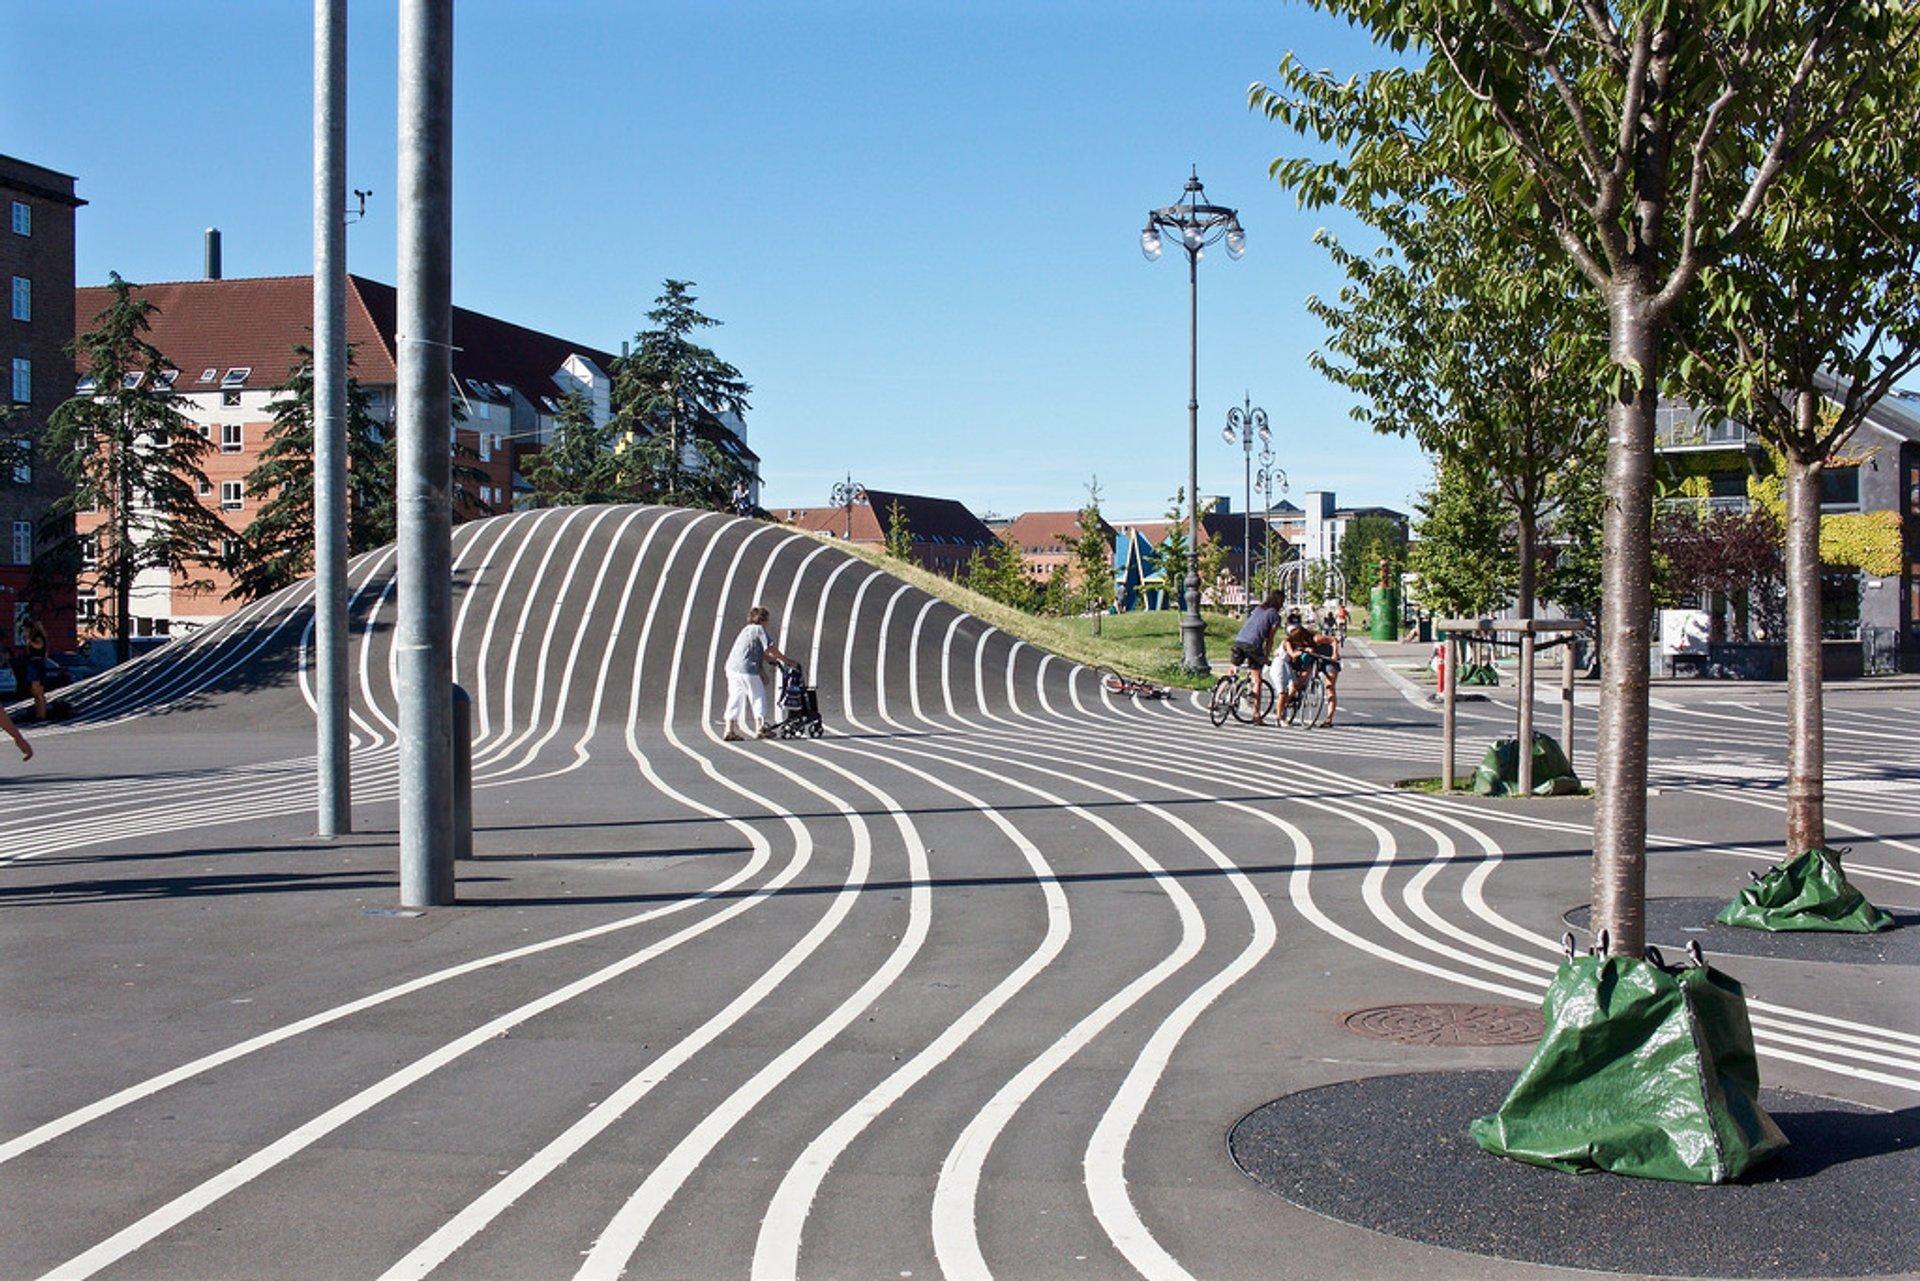 Superkilen Park in Copenhagen 2020 - Best Time